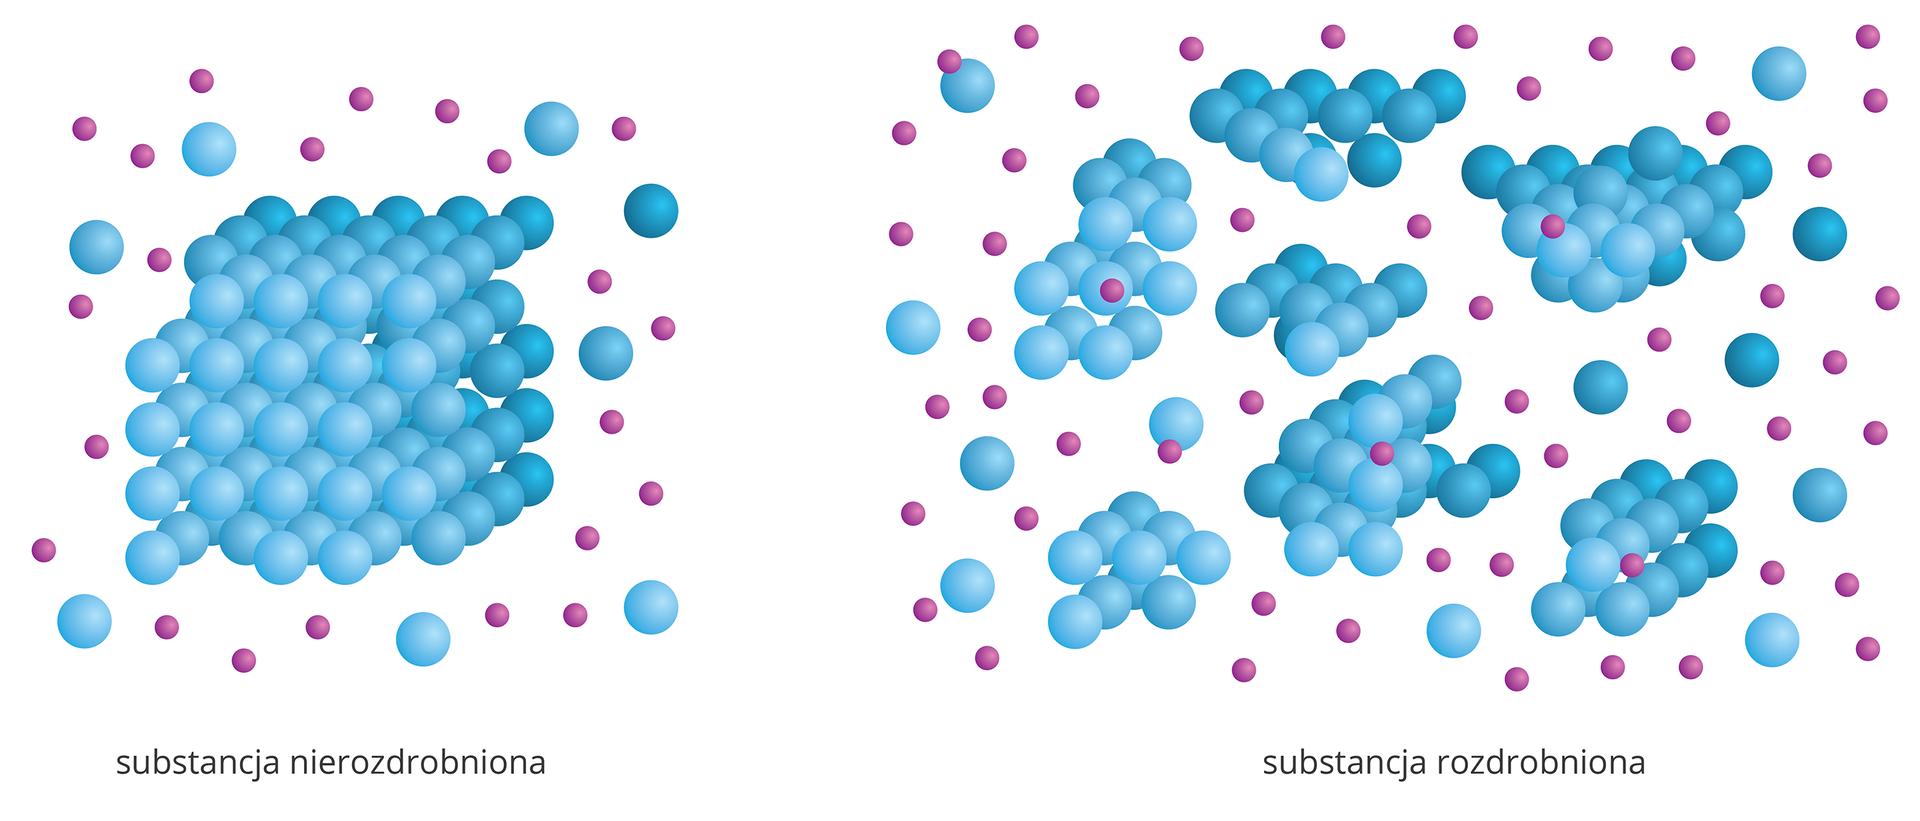 Ilustracja składa się zdwóch rysunków przedstawiających schematycznie proces rozpuszczania substancji wzależności od stopnia rozdrobnienia. Na rysunku zlewej strony rozpuszczana jest substancja nierozdrobniona. Pojedynczy blok złożony zdużych niebieskich kulek otoczony jest przez fioletowe kulki symbolizujące cząsteczki rozpuszczalnika. Od bloku sporadycznie odrywają się cząstki igrupy cząstek, ale wsamym rozpuszczalniku unosi się ich niewiele. Na rysunku zprawej strony rozpuszczana jest substancja rozdrobniona na mniejsze kawałki. Wokół niewielkich skupisk cząsteczek wrozpuszczalniku unosi się sporo pojedynczych cząsteczek już rozpuszczonych.